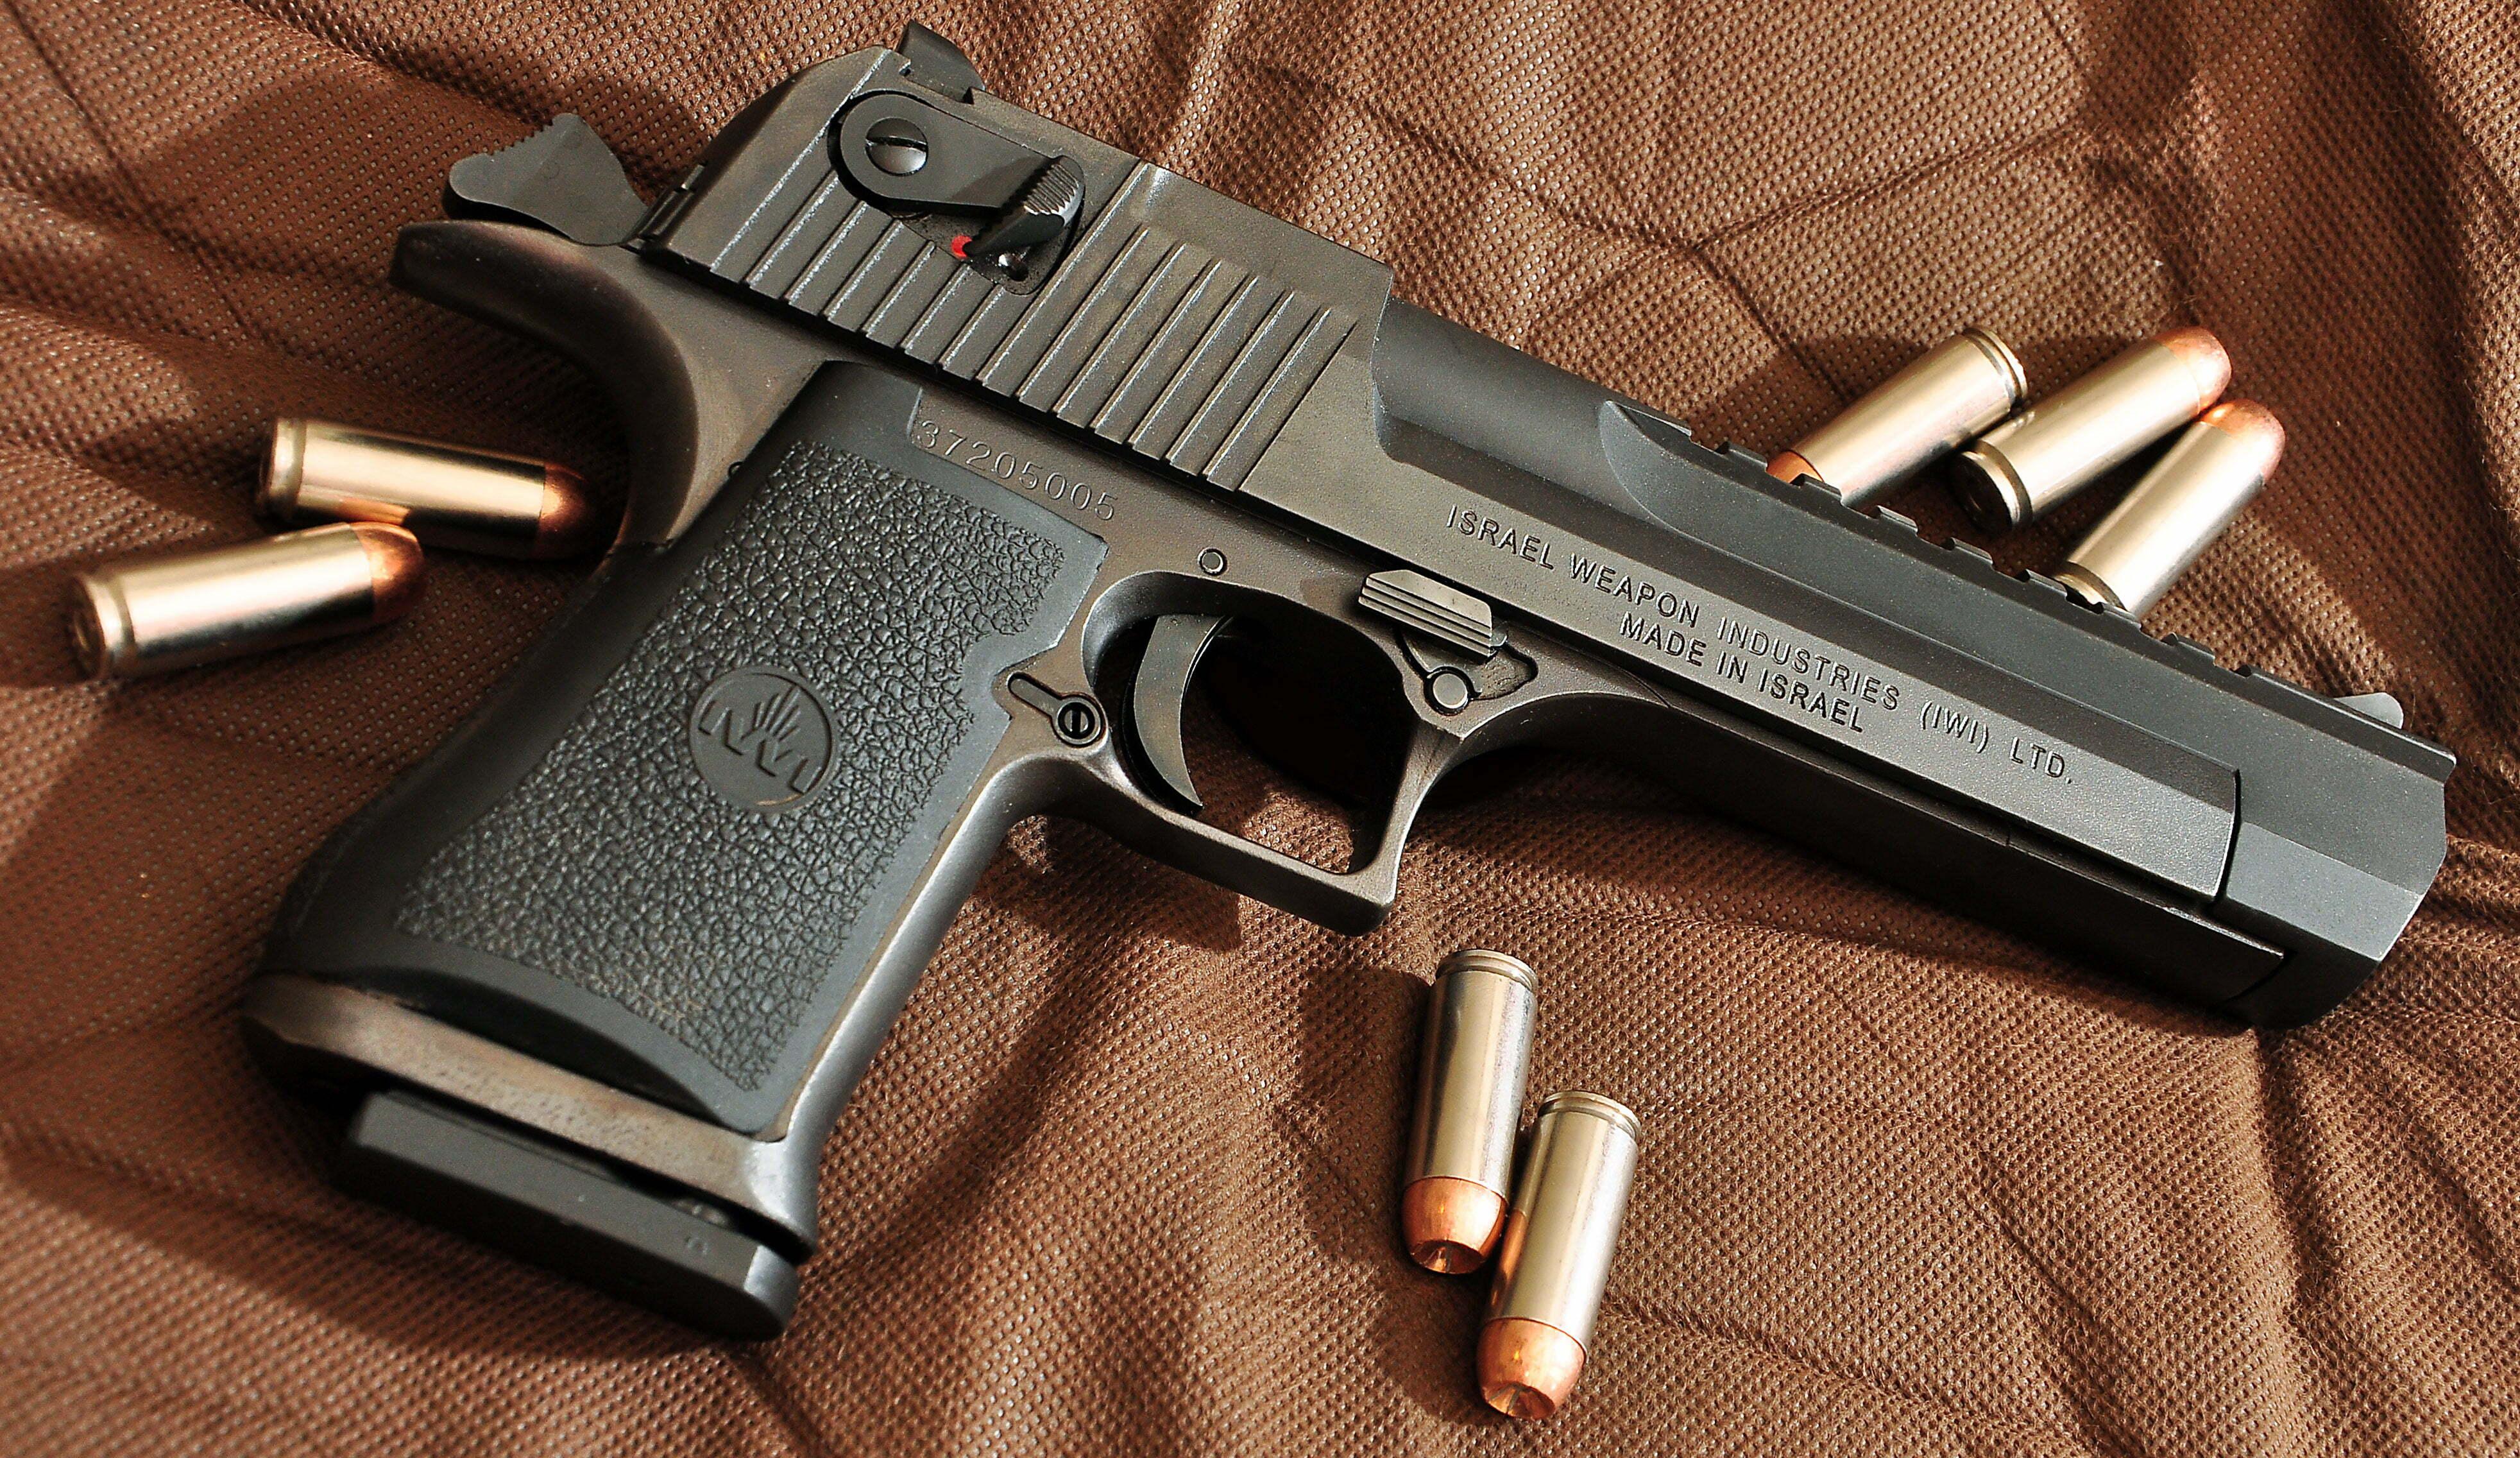 Desert Eagle una pistola con mucho encanto